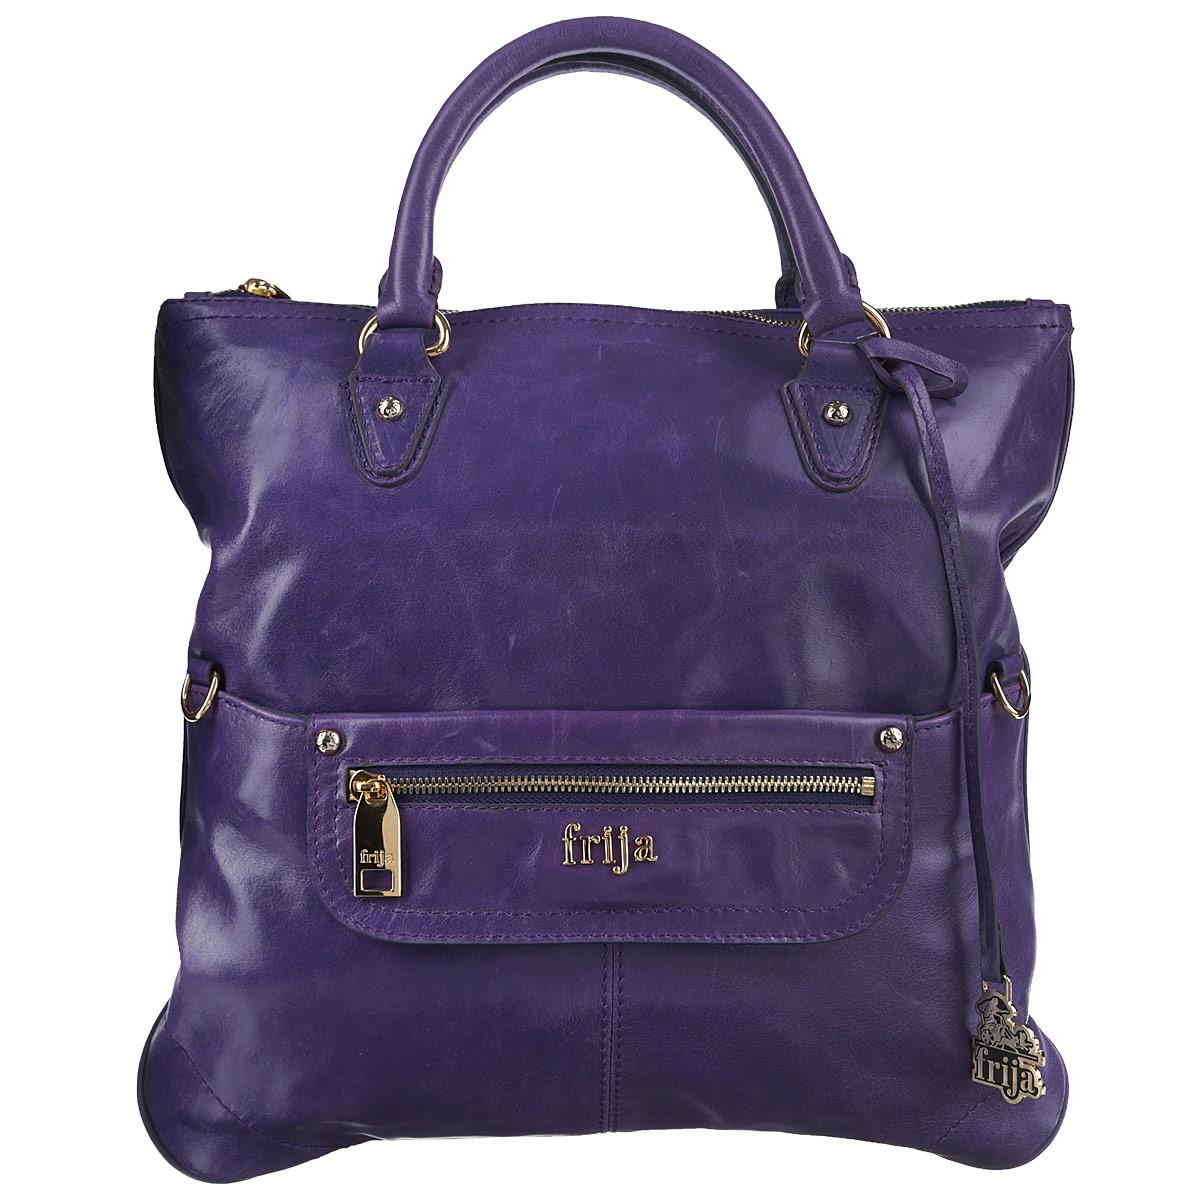 Сумка женская Frija, цвет: фиолетовый. 21-0120-1321-0120-13Стильная женская сумка Frija выполнена из натуральной кожи в классическом стиле. Внутри сумки одно основное отделение и один внутренний карман на молнии. Снаружи сумка закрывается на молнию. На передней стенке два кармана, один из них закрывается на магнитную кнопку, другой на молнию. На задней стенке хлястик с кнопкой для фиксации ручек, поэтому сумку можно носить как клатч. Высота ручек 9 см. Длина съемного плечевого ремня 130 см. В комплекте чехол для хранения. Роскошная сумка внесёт элегантные нотки в ваш образ и подчеркнёт ваше отменное чувство стиля.